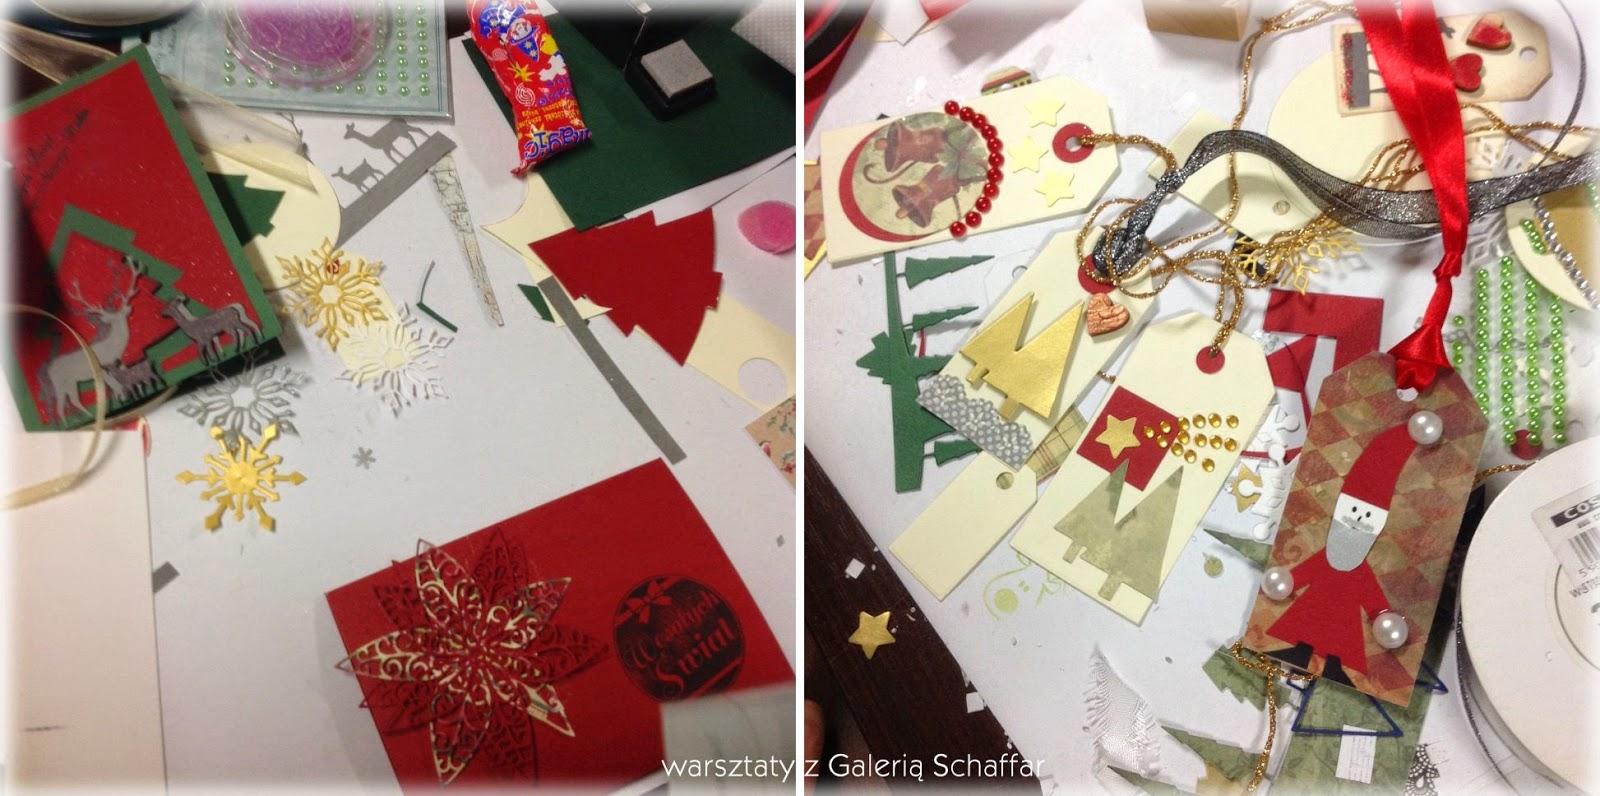 kreatywna Czernica - świąteczne warsztaty z Galerią Schaffar